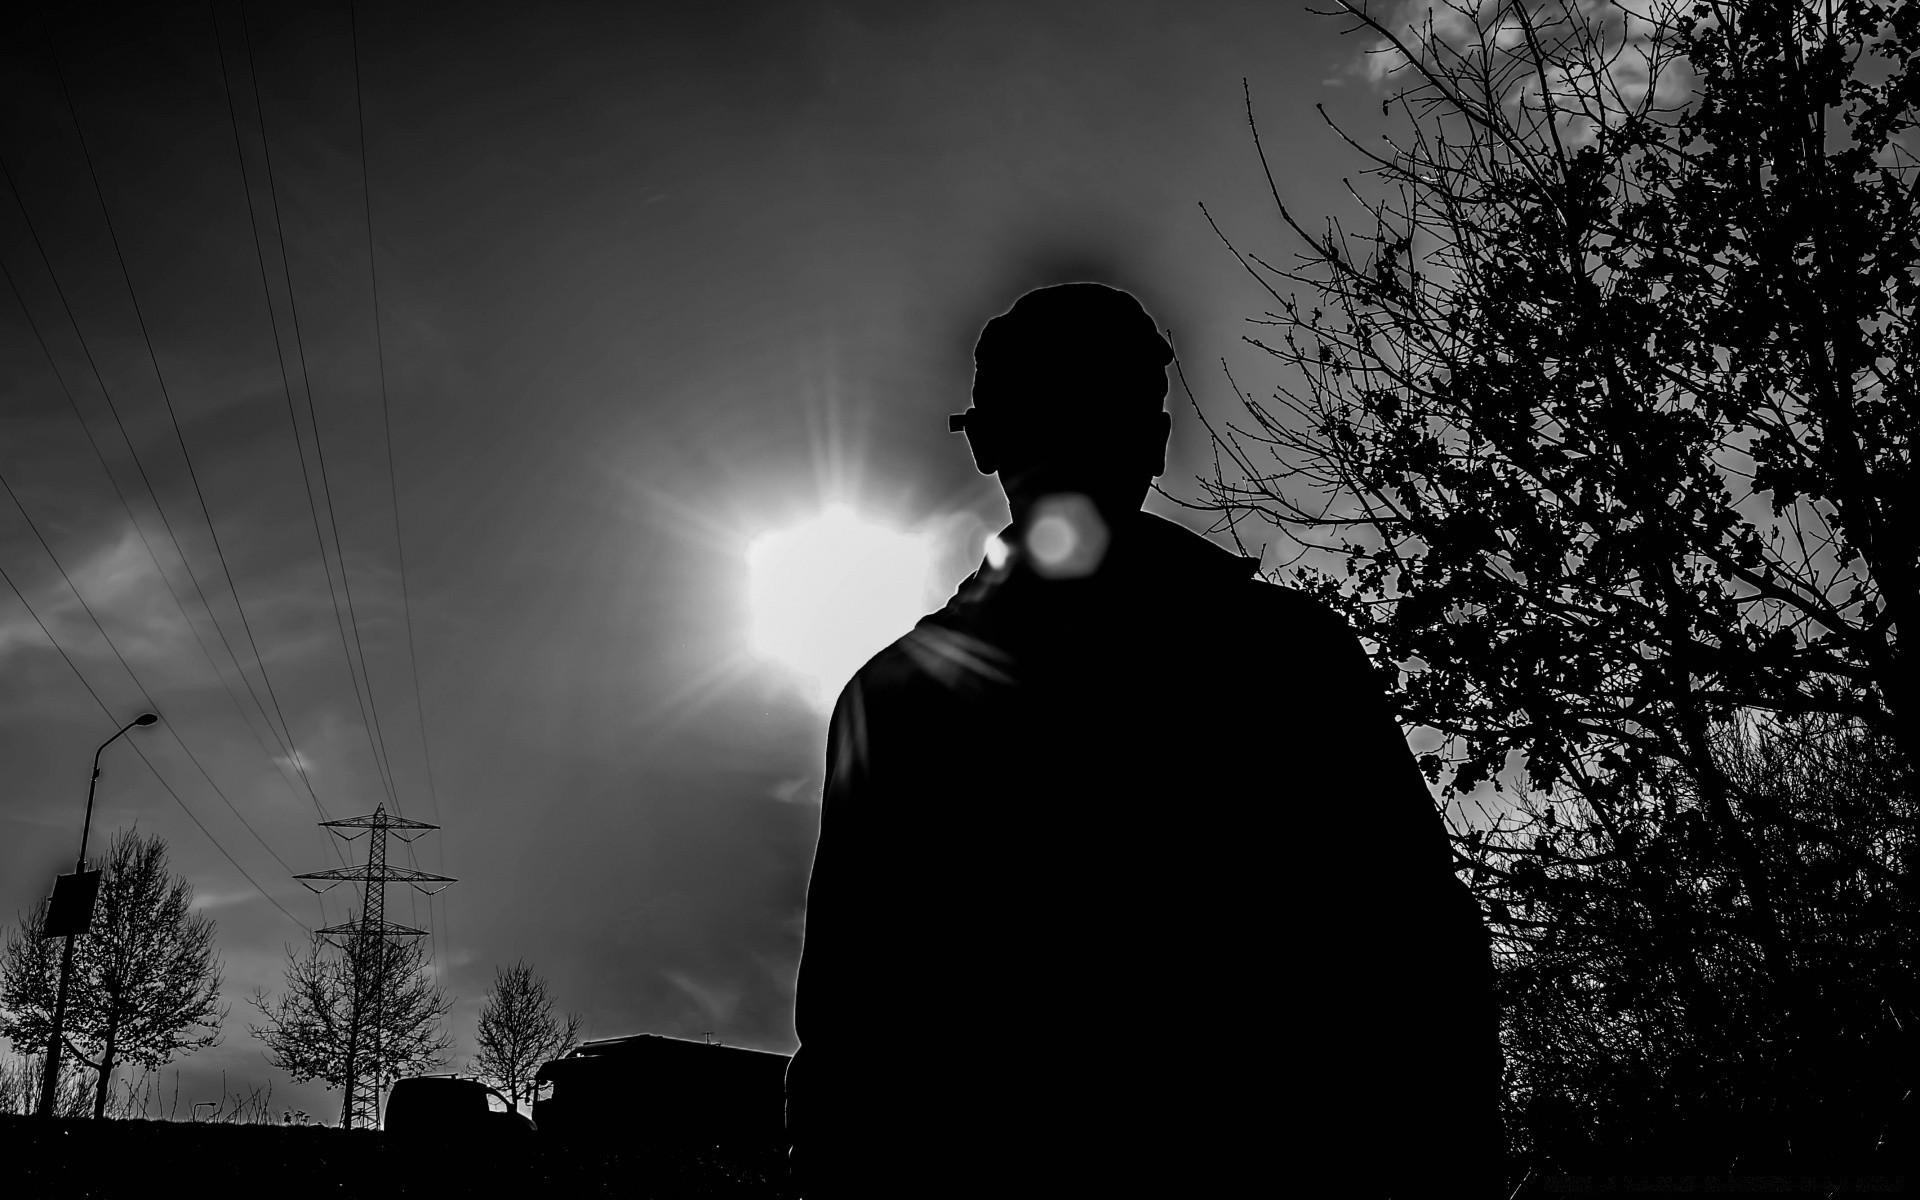 Пацан в темноте